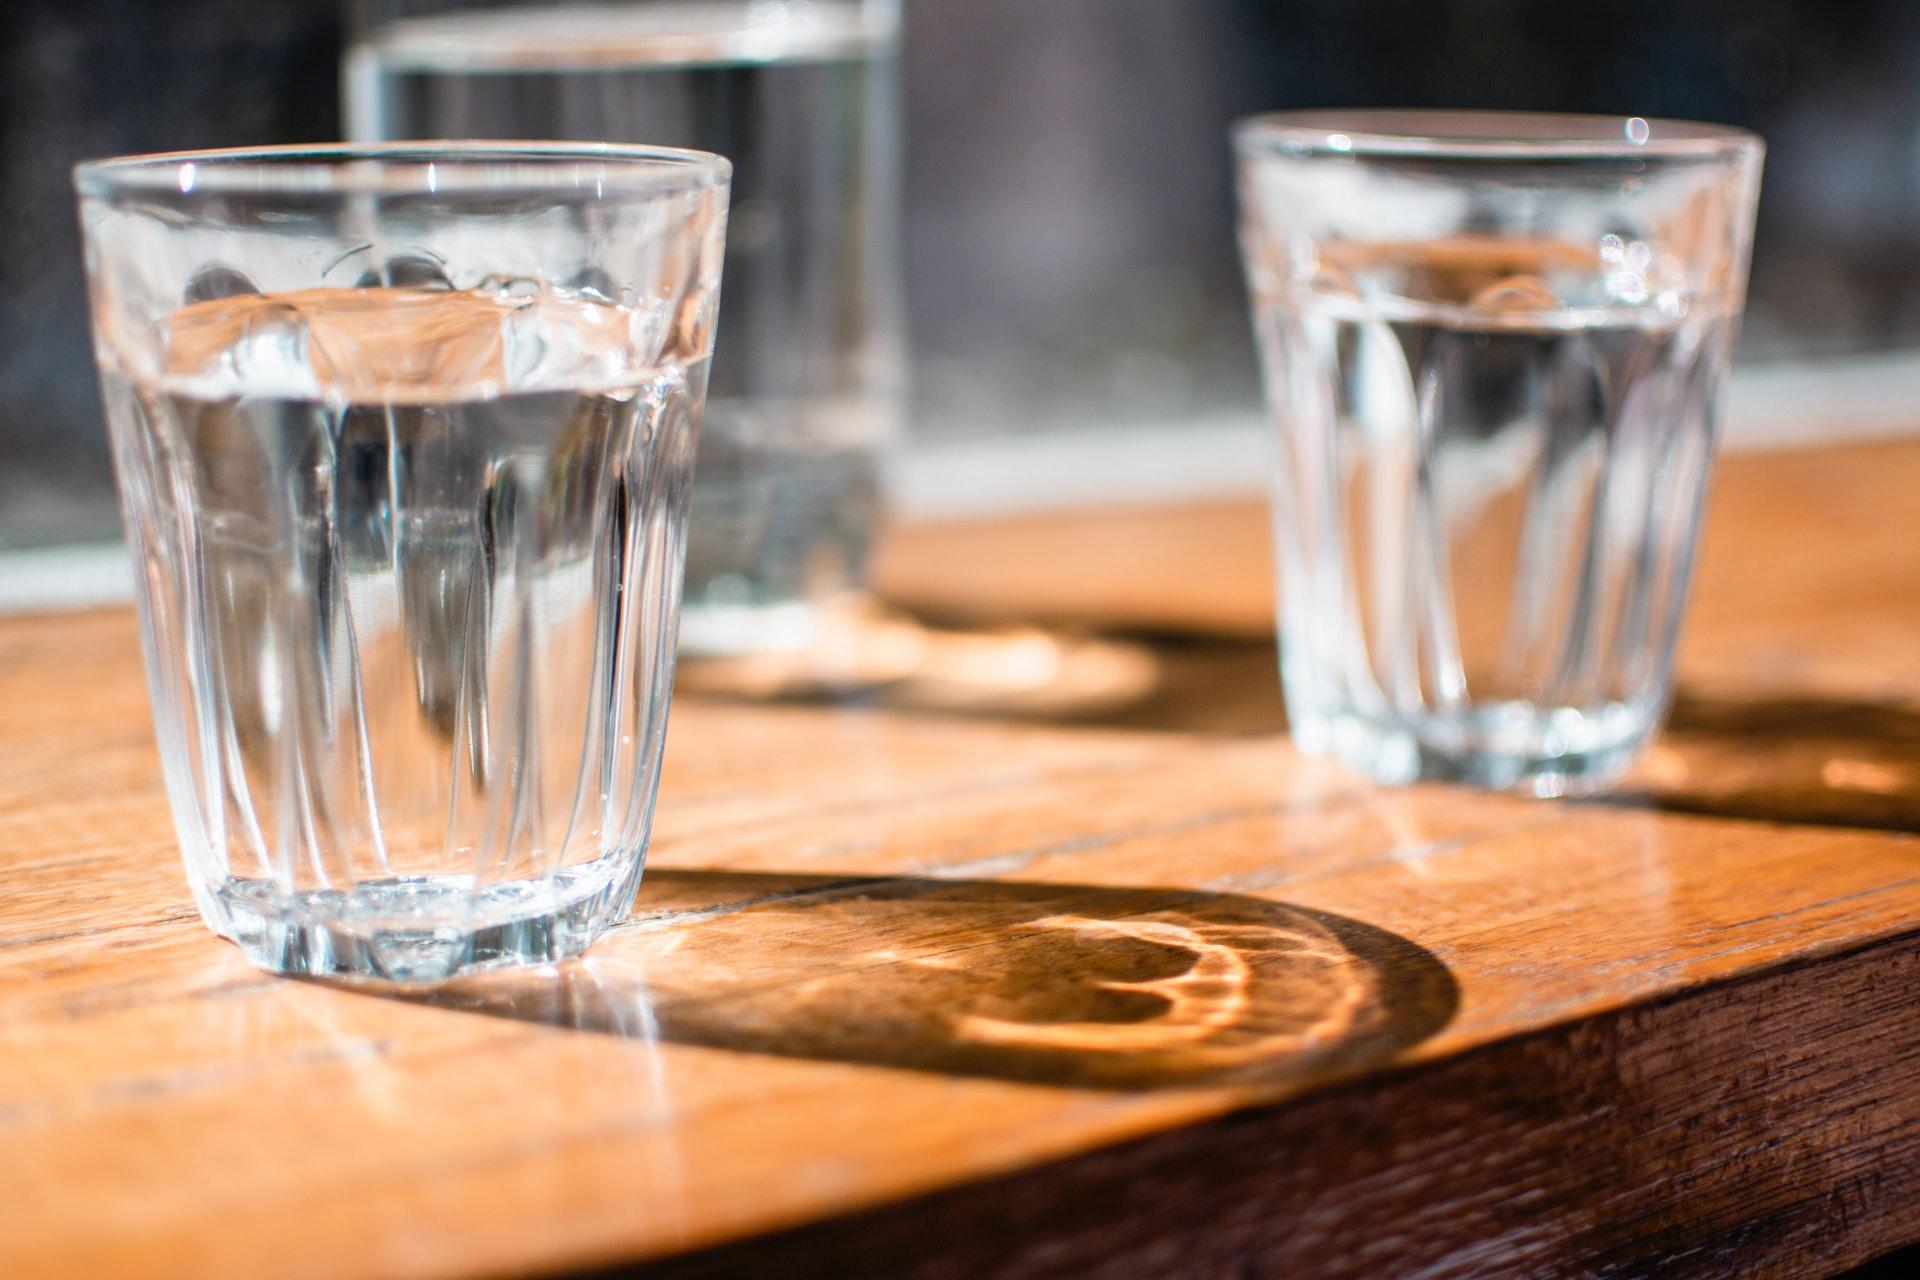 身體水分不足易令代謝廢物積聚腎臟,並成為腎結石,因此應加強補充水分,如多飲水。(Jana Sabeth/unsplash)